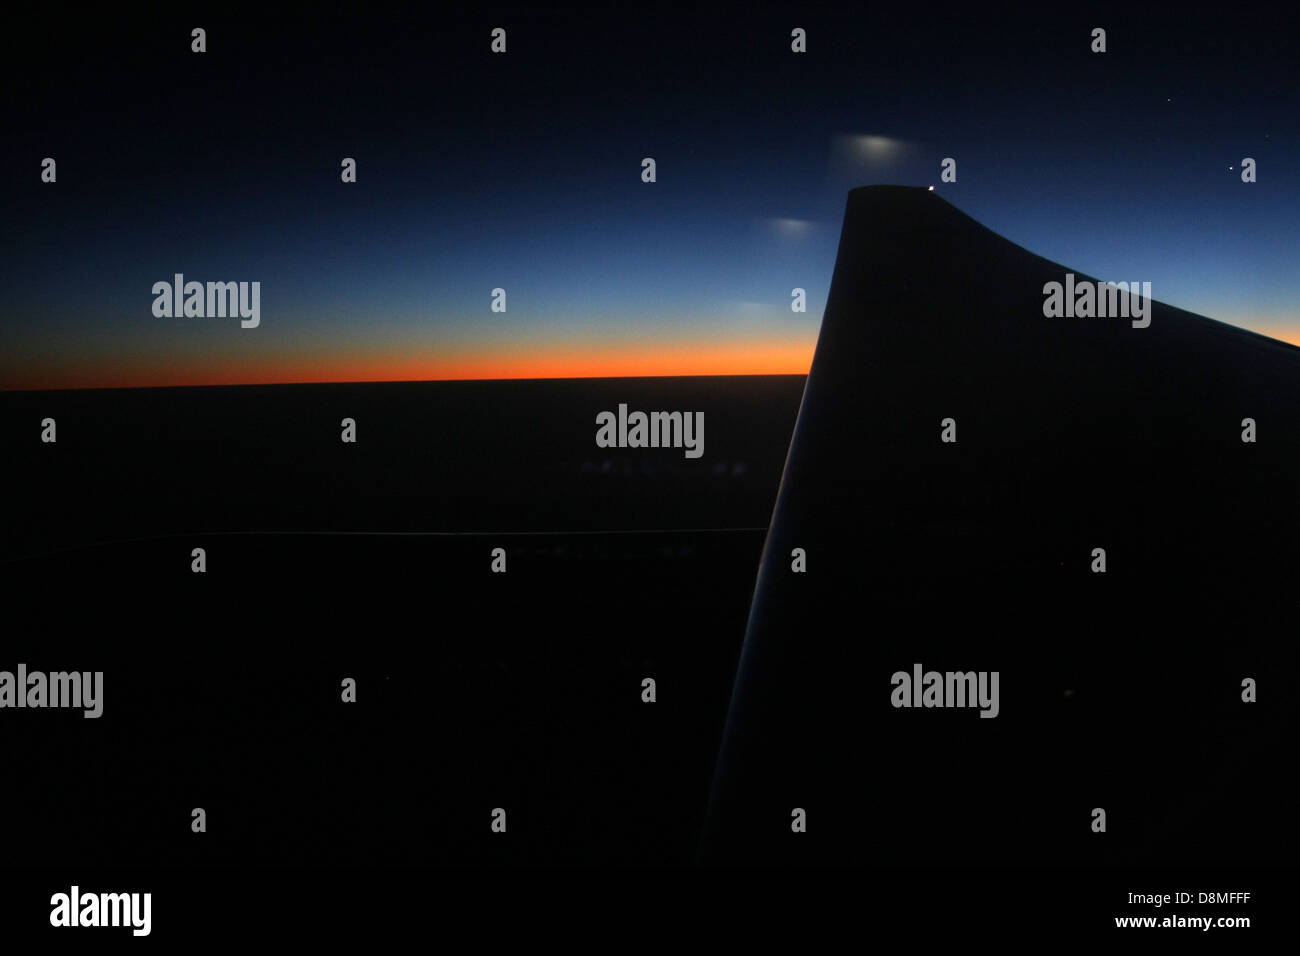 Vista nocturna de la ventana de una aeronave, sunset y punta de ala de avión Imagen De Stock